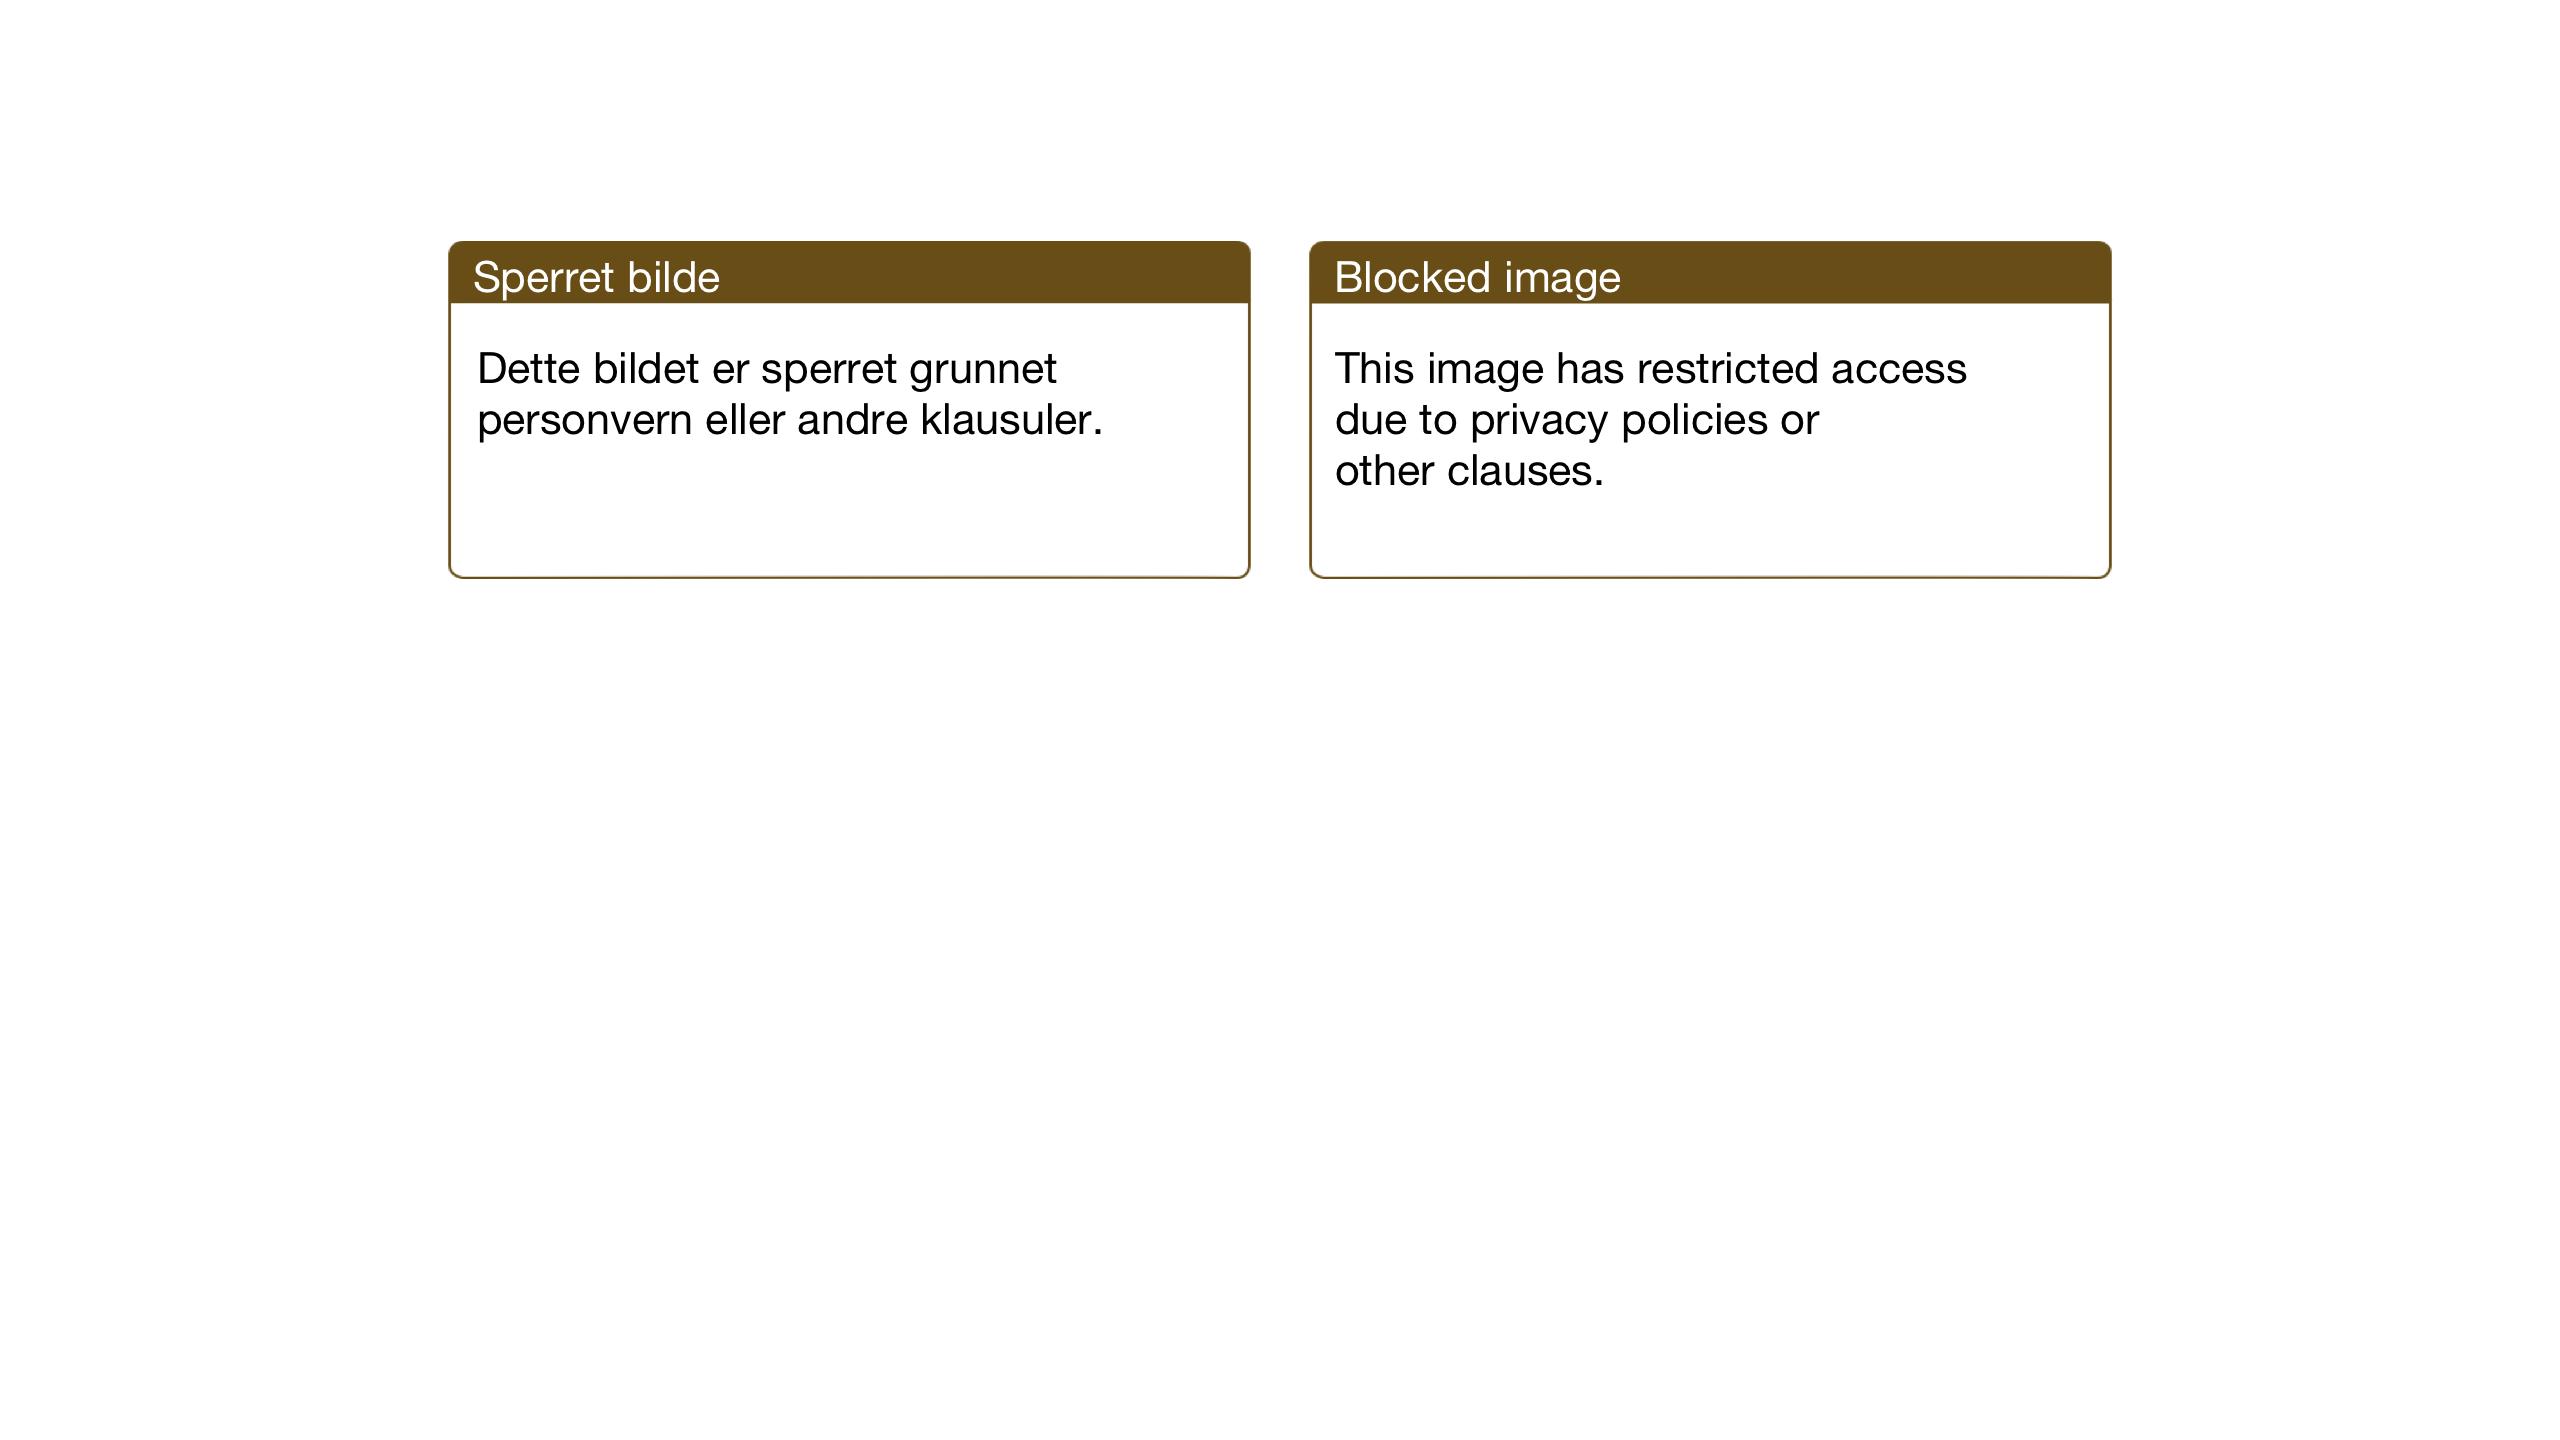 SAT, Ministerialprotokoller, klokkerbøker og fødselsregistre - Sør-Trøndelag, 674/L0878: Klokkerbok nr. 674C05, 1941-1950, s. 130